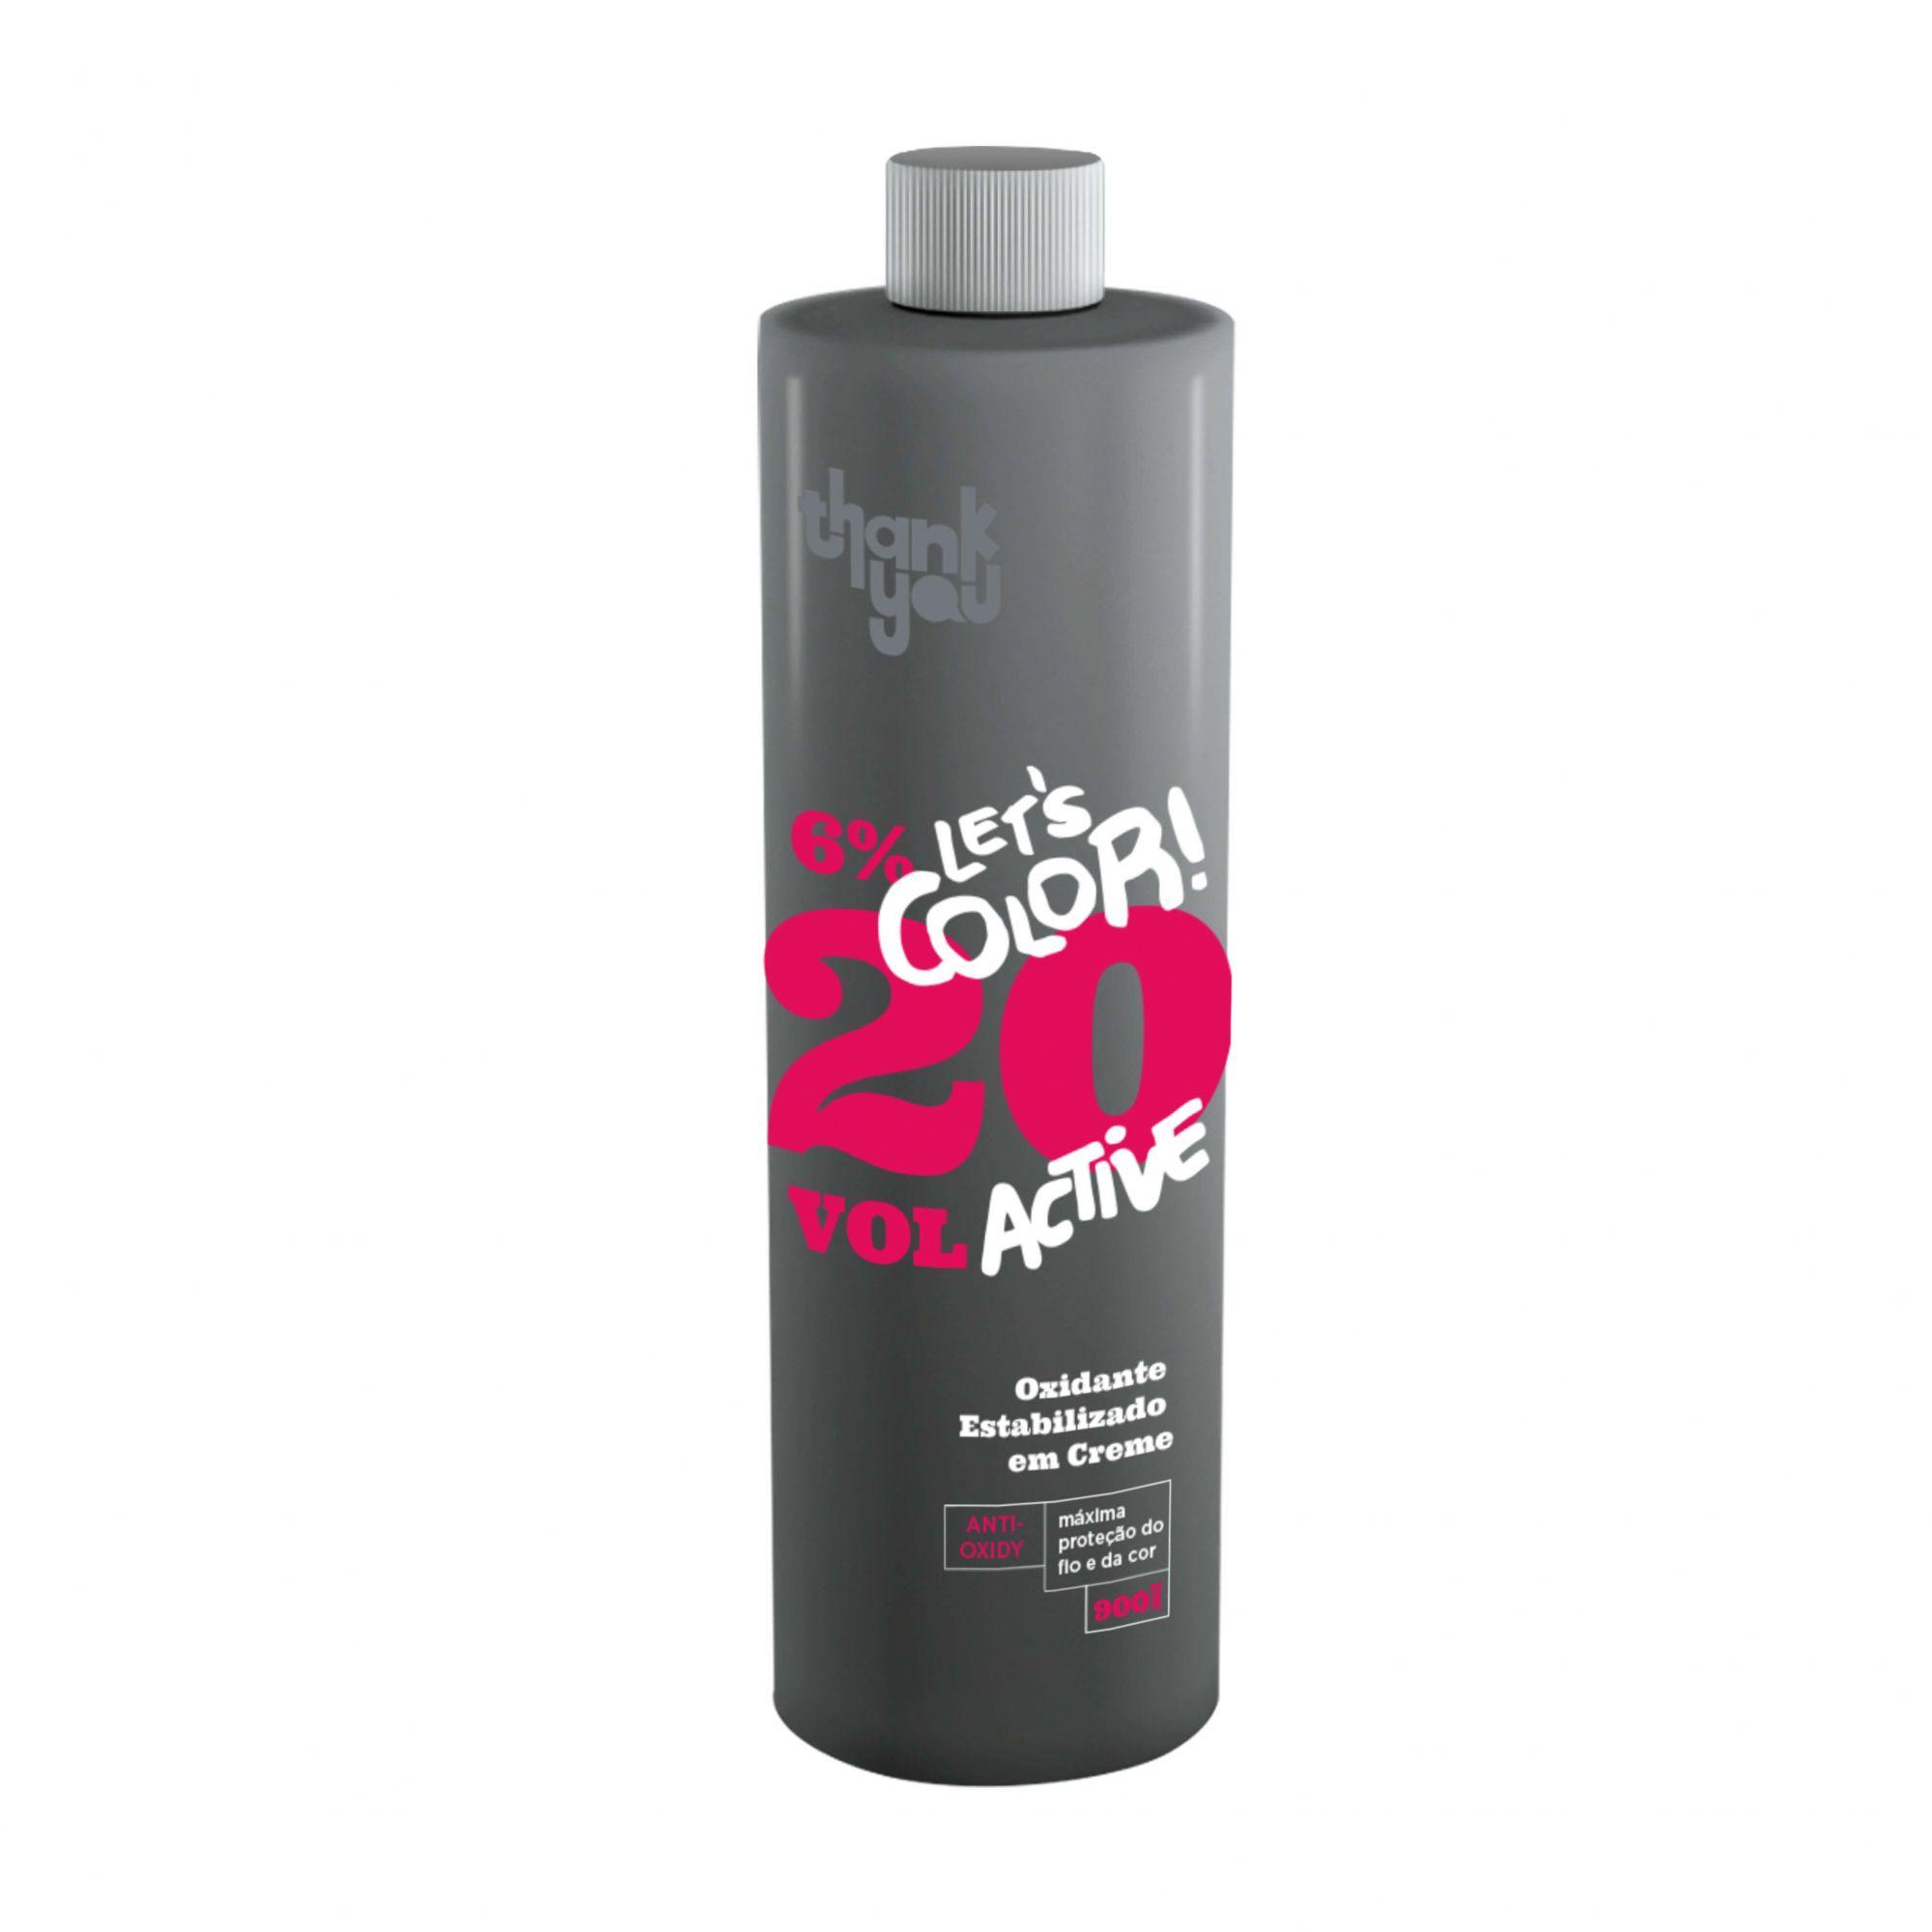 Creme Oxidante Estabilizado 6% - 20 Volumes Thank You Let's Color - 900ml